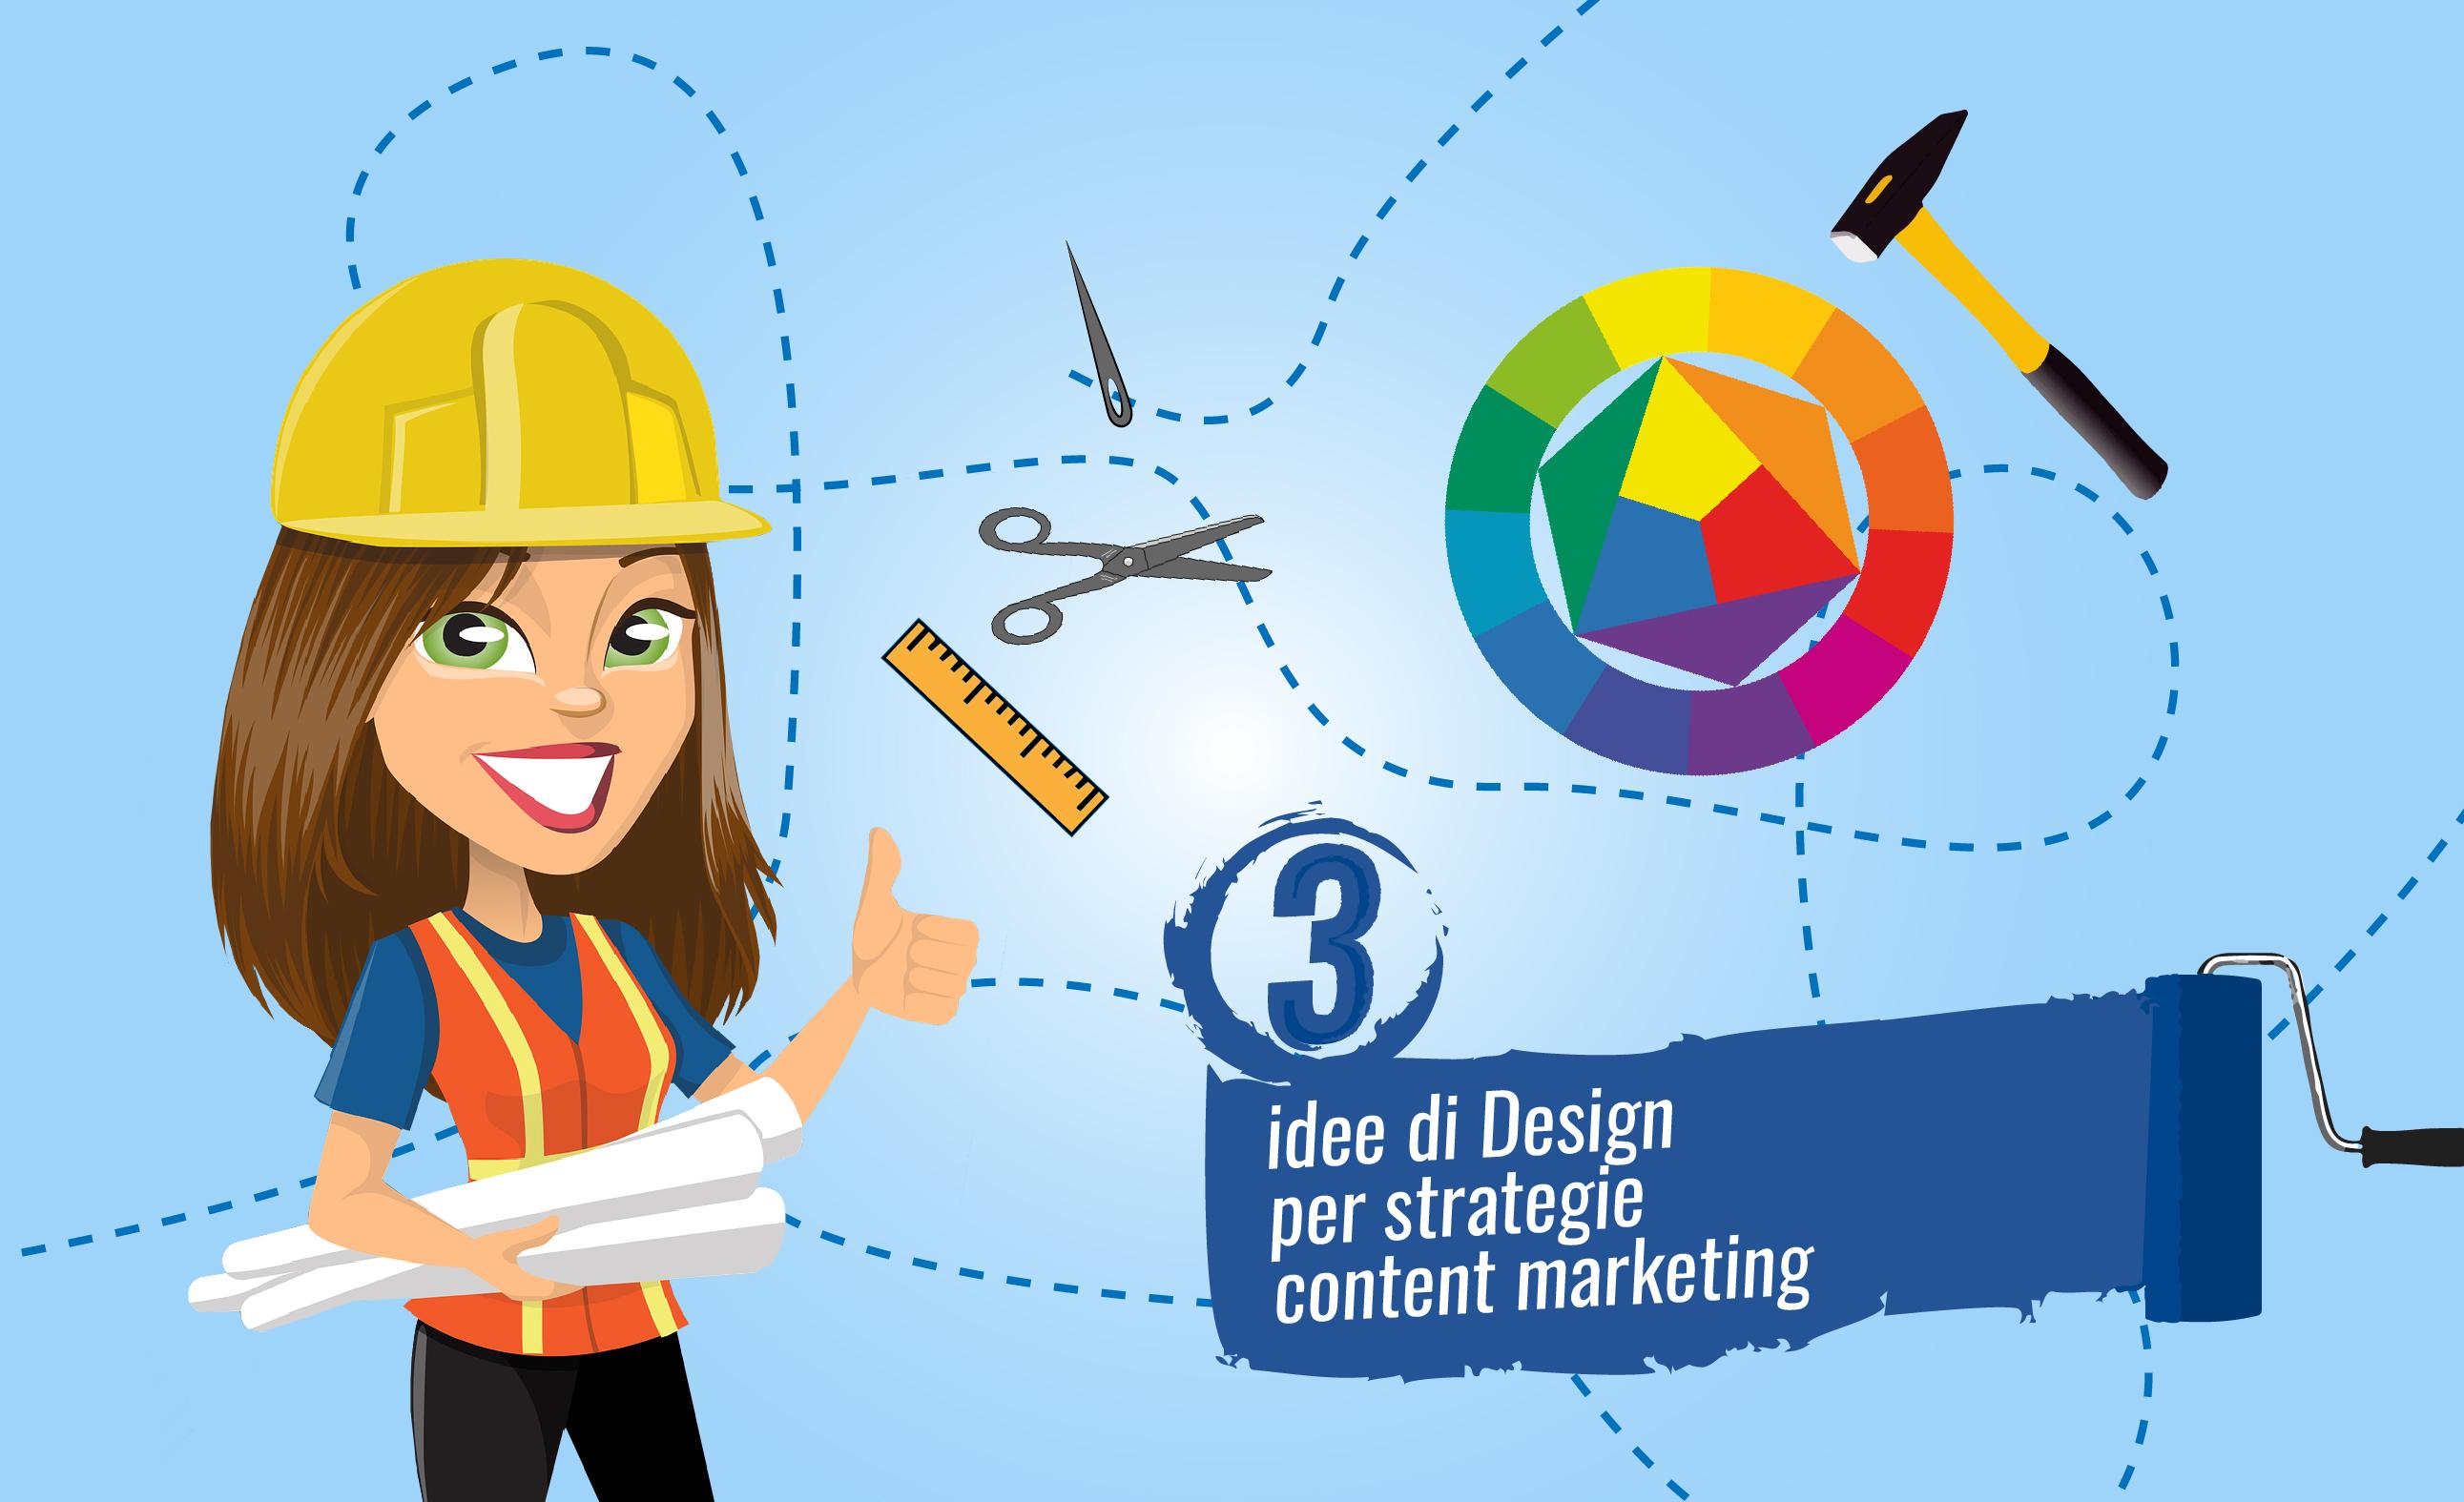 6LUGLIO-3 idee di design-01